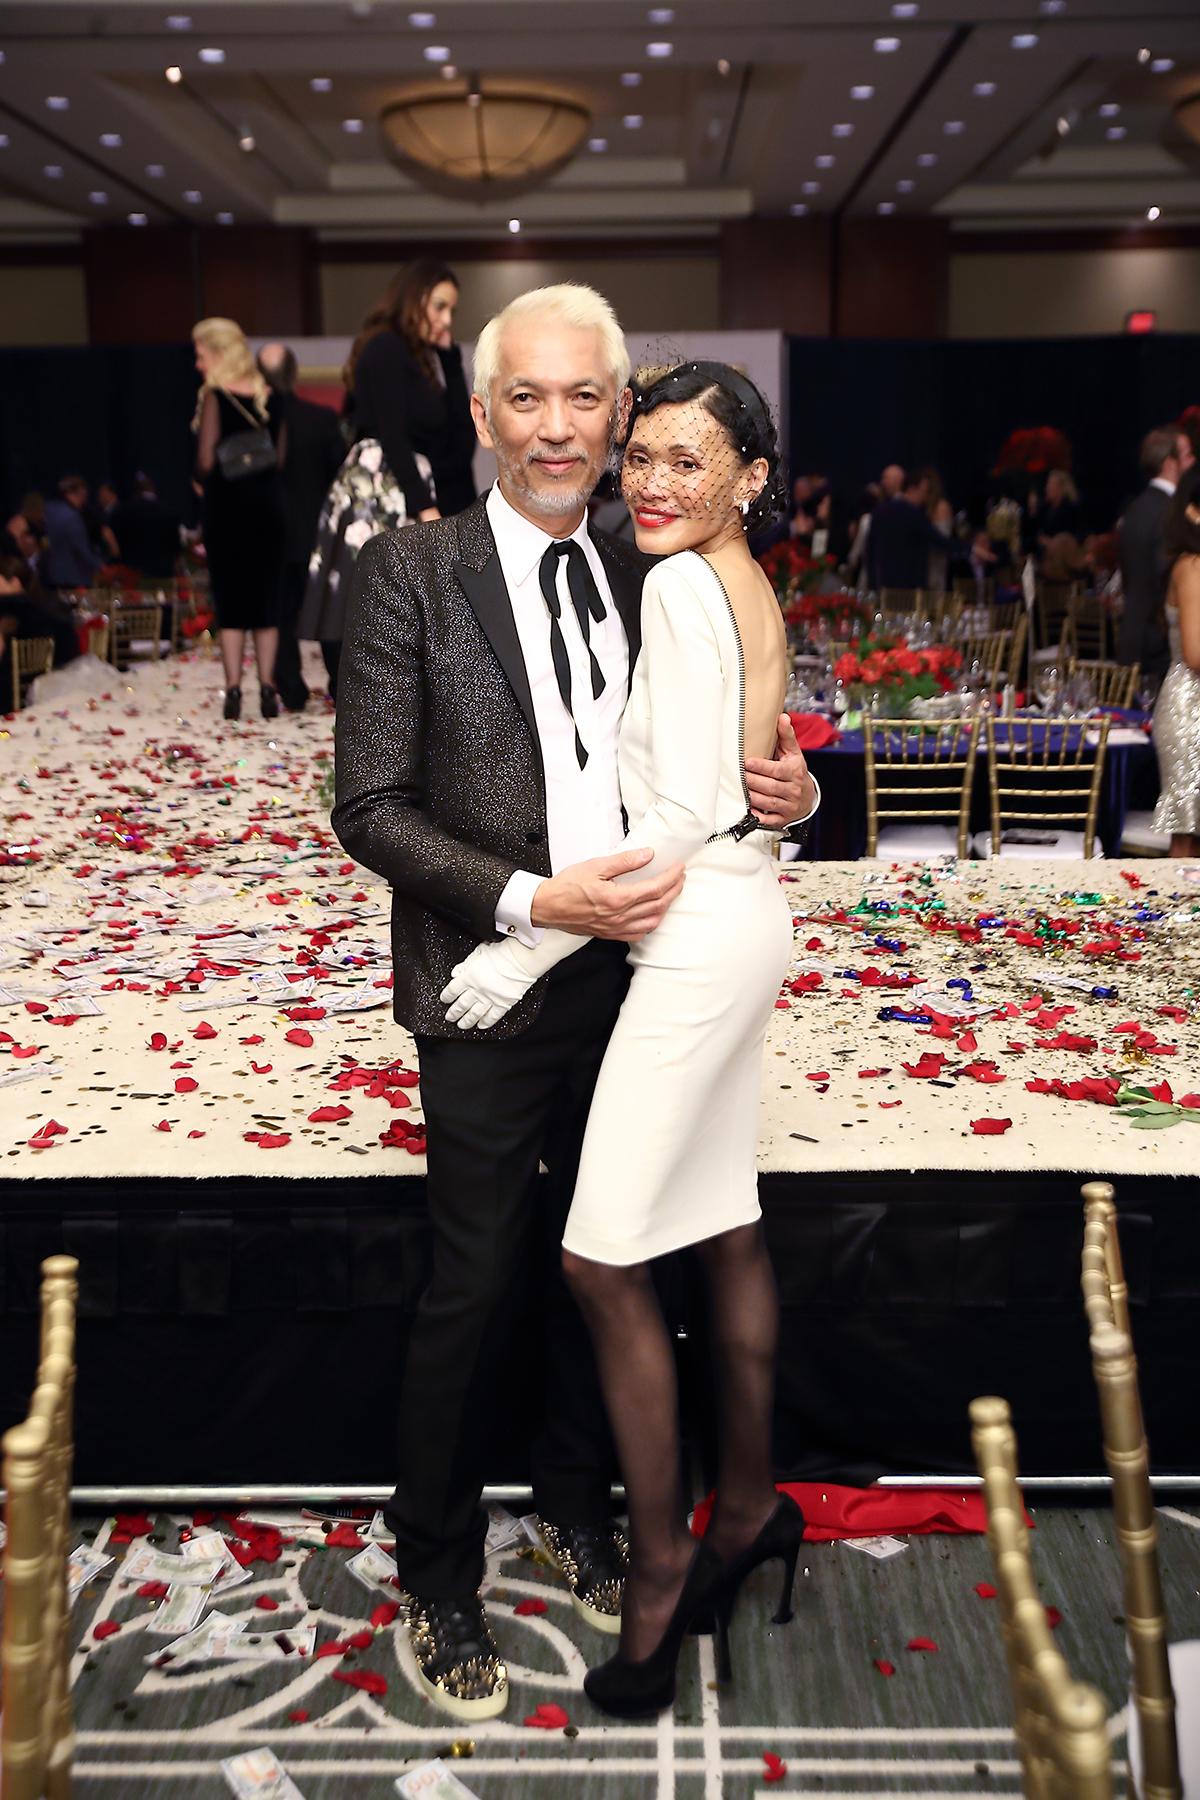 Drs. Marc and Duyen Nguyen